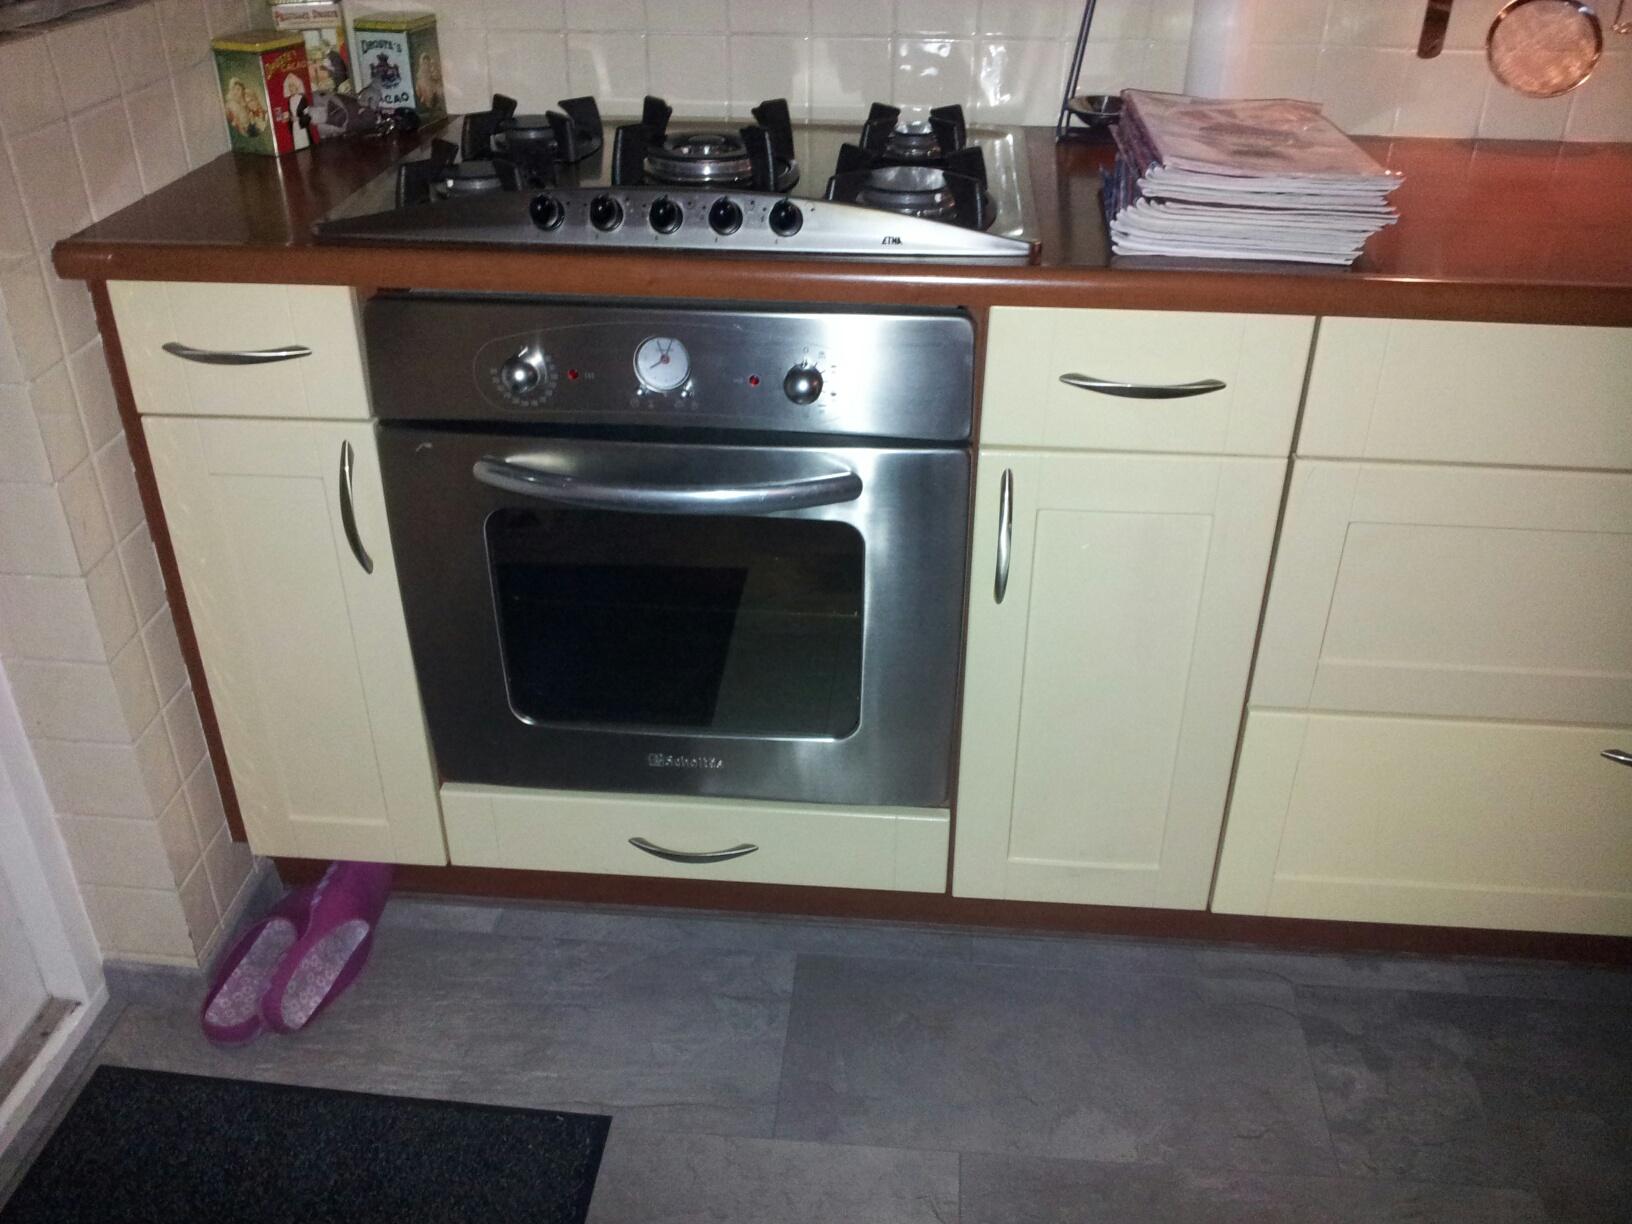 tegels keuken renoveren : Keuken Van Mat Geel Houtkleur Naar Hoogglans Wit Matzwart